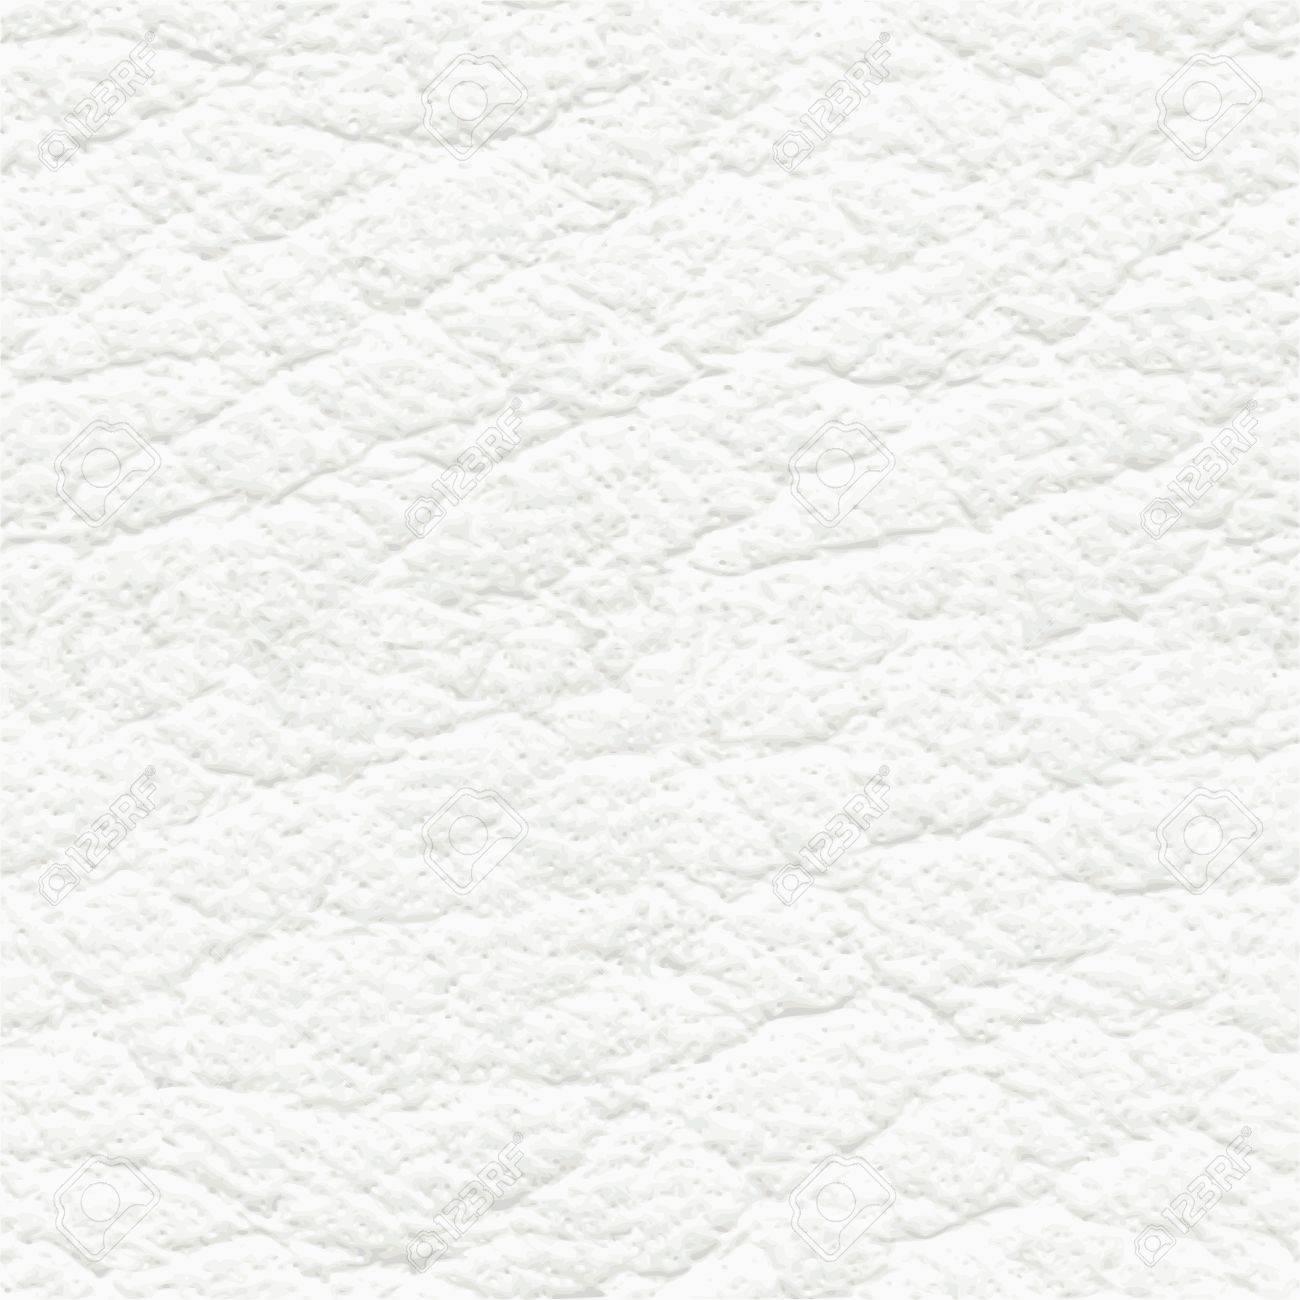 White Leather Texture Seamless White Leather Seamless Texture